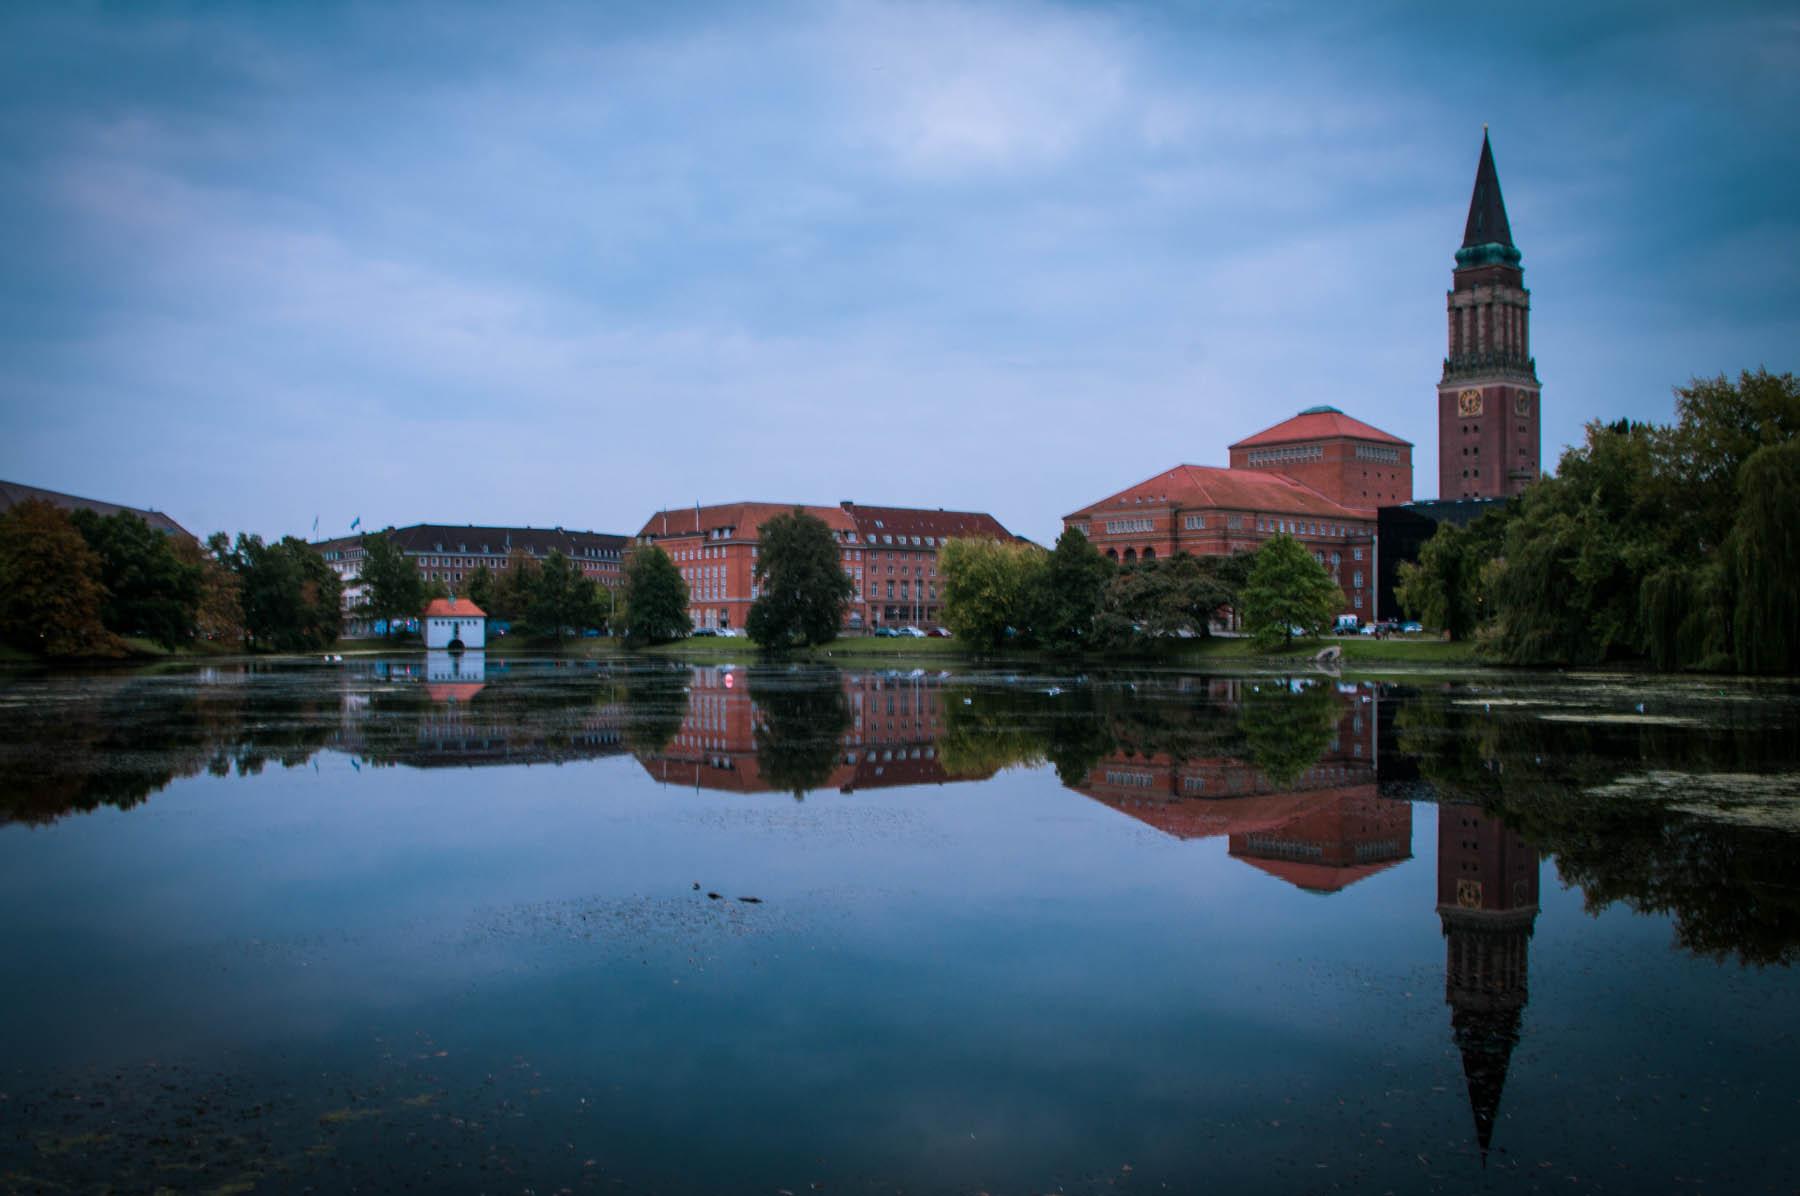 Die Innenstadt von Kiel vom kleinen Kiel aus betrachtet